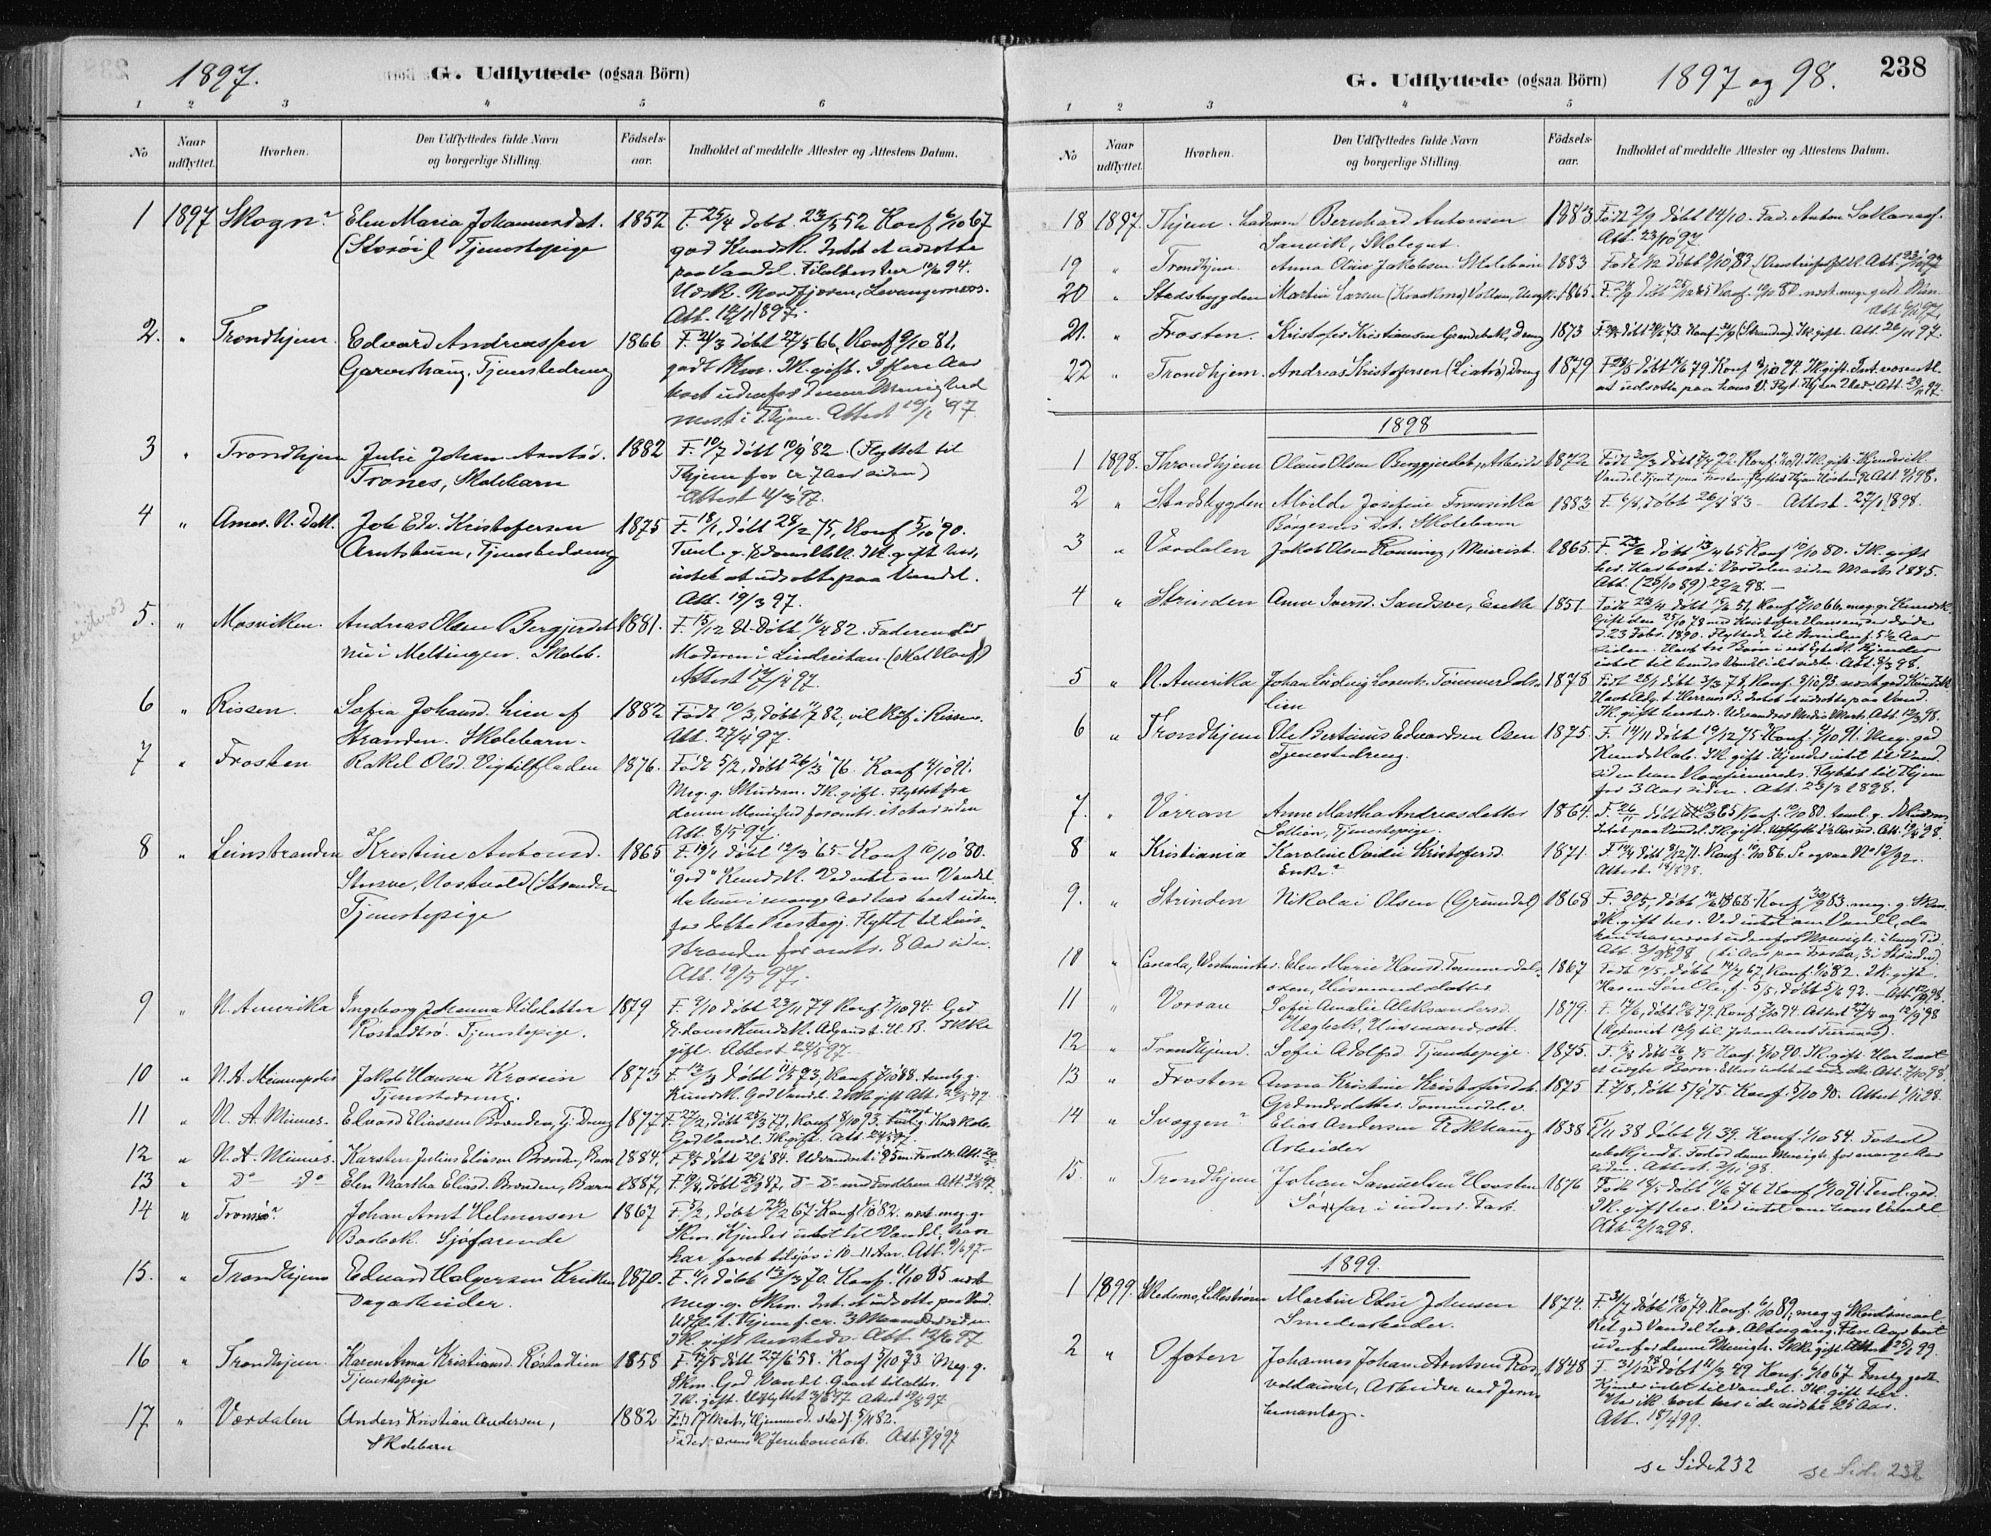 SAT, Ministerialprotokoller, klokkerbøker og fødselsregistre - Nord-Trøndelag, 701/L0010: Parish register (official) no. 701A10, 1883-1899, p. 238